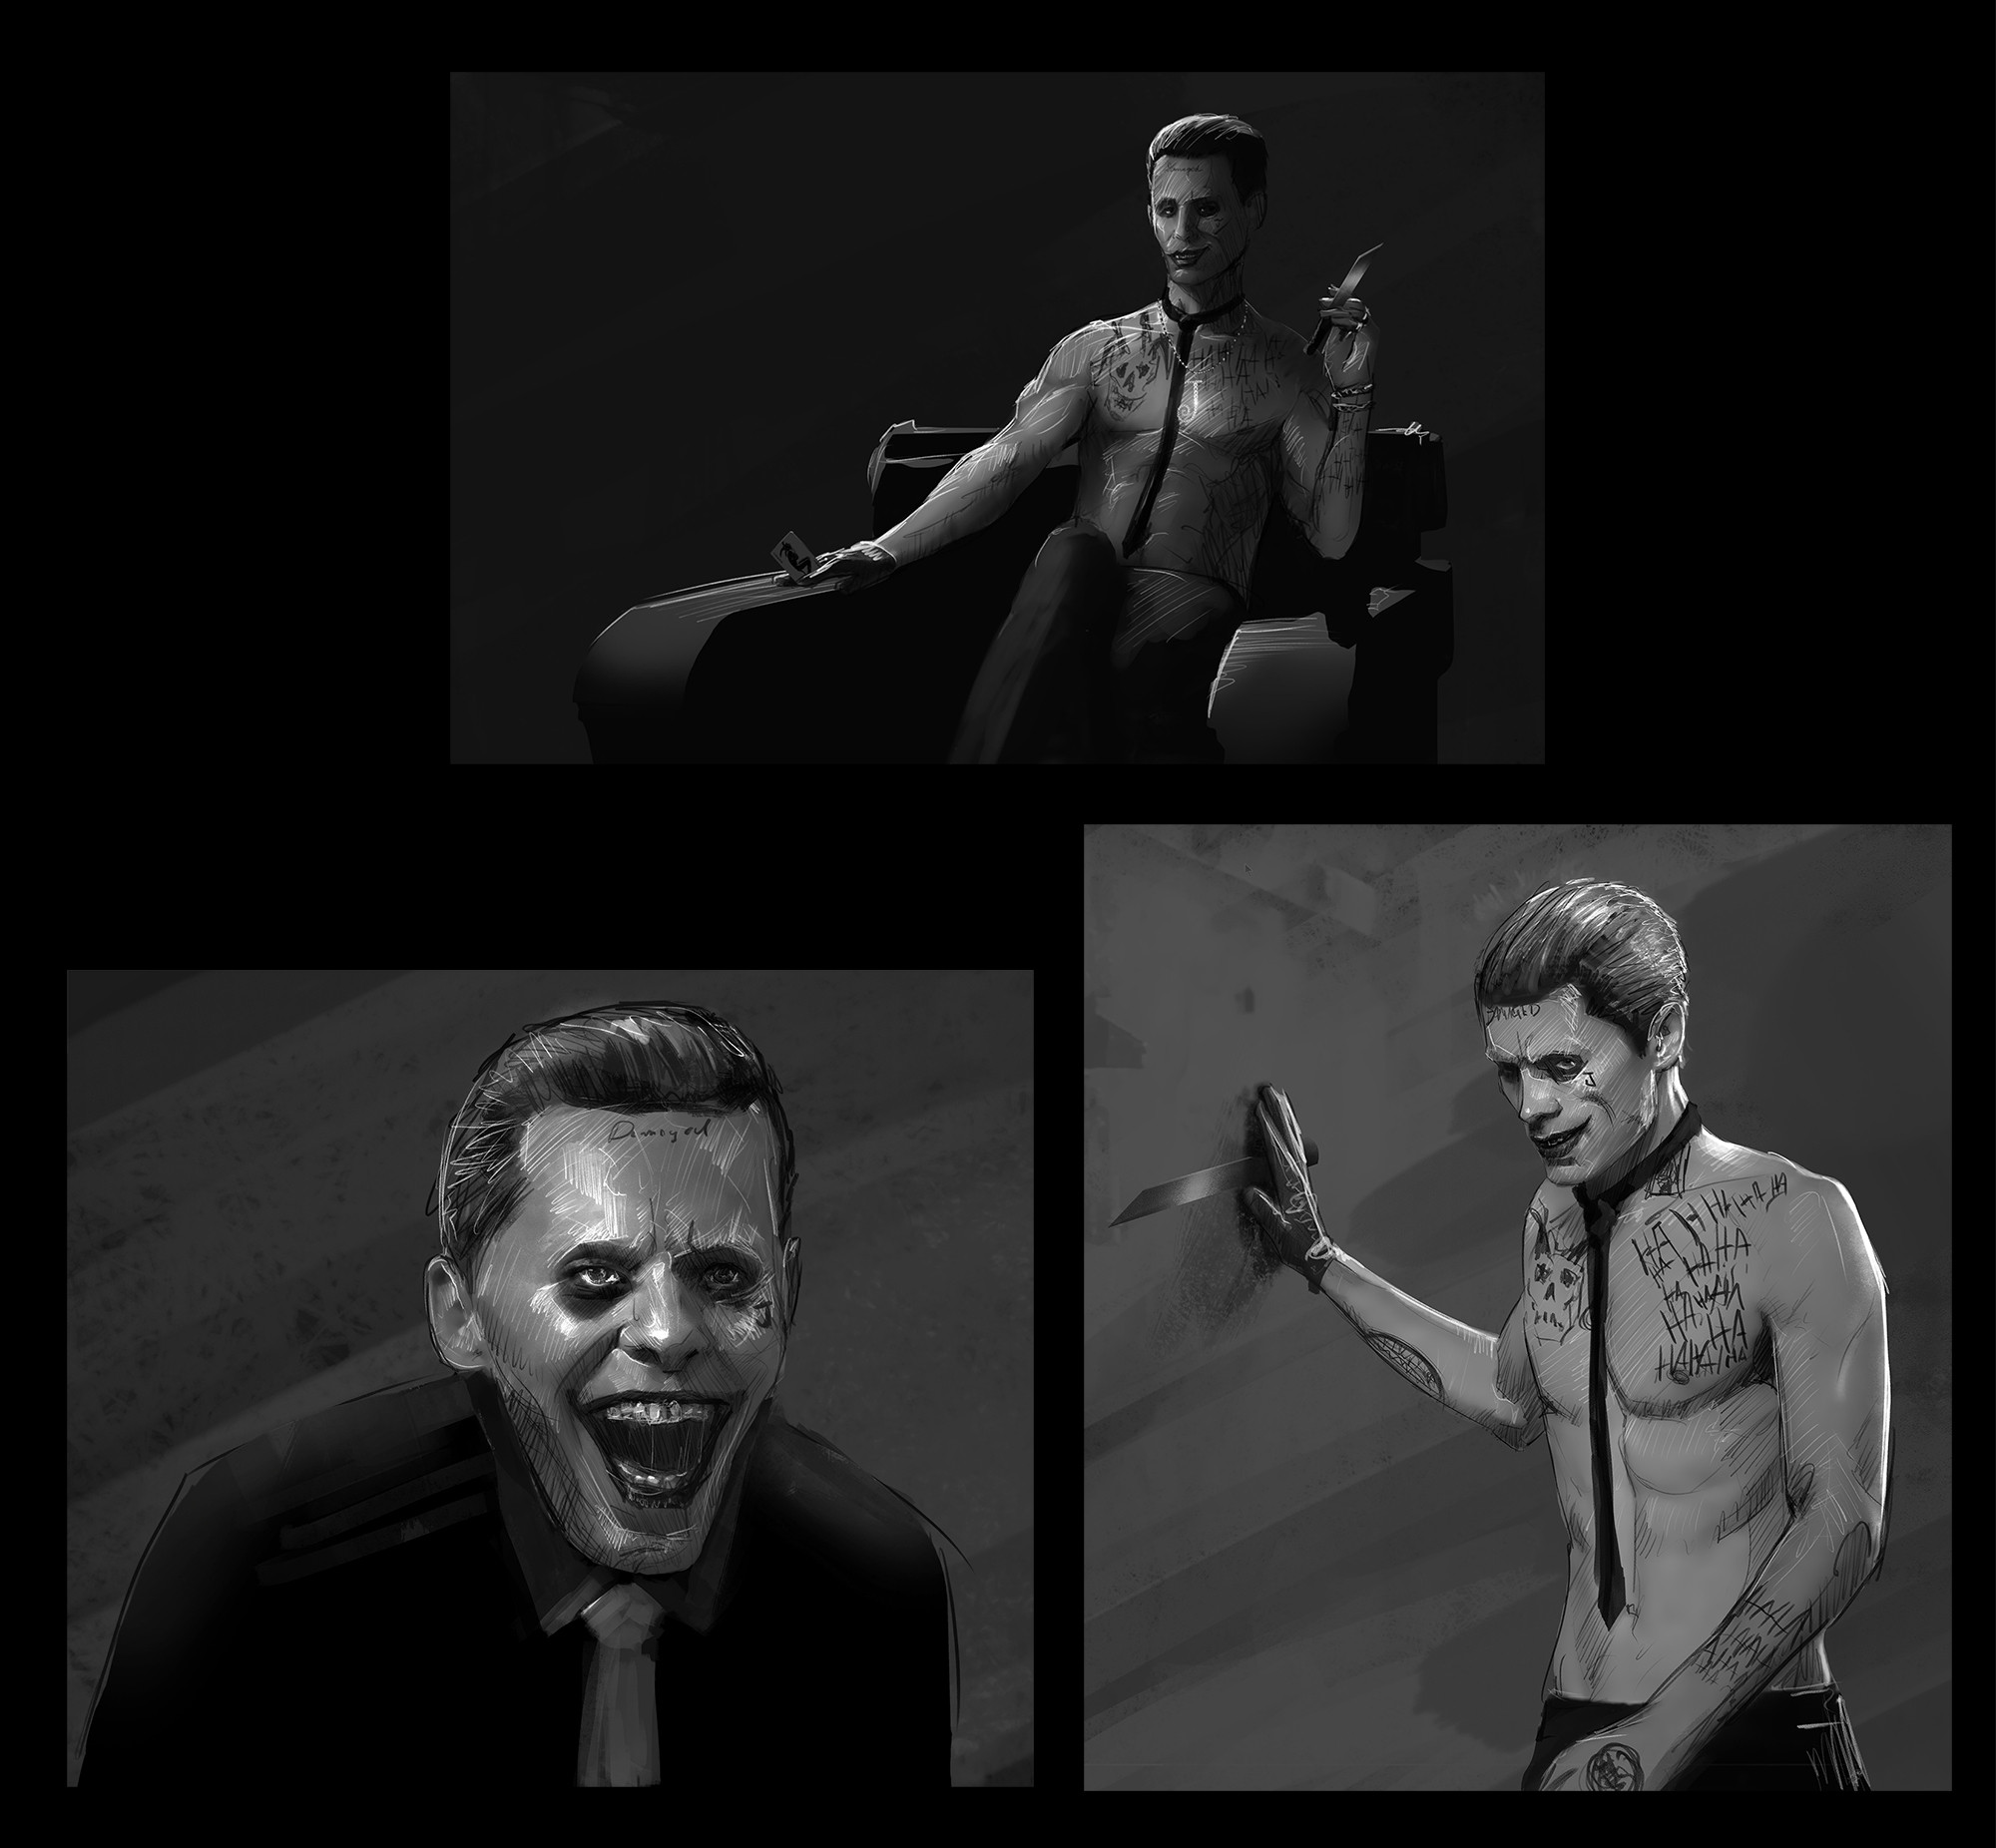 Suicide Squad Joker Concepts